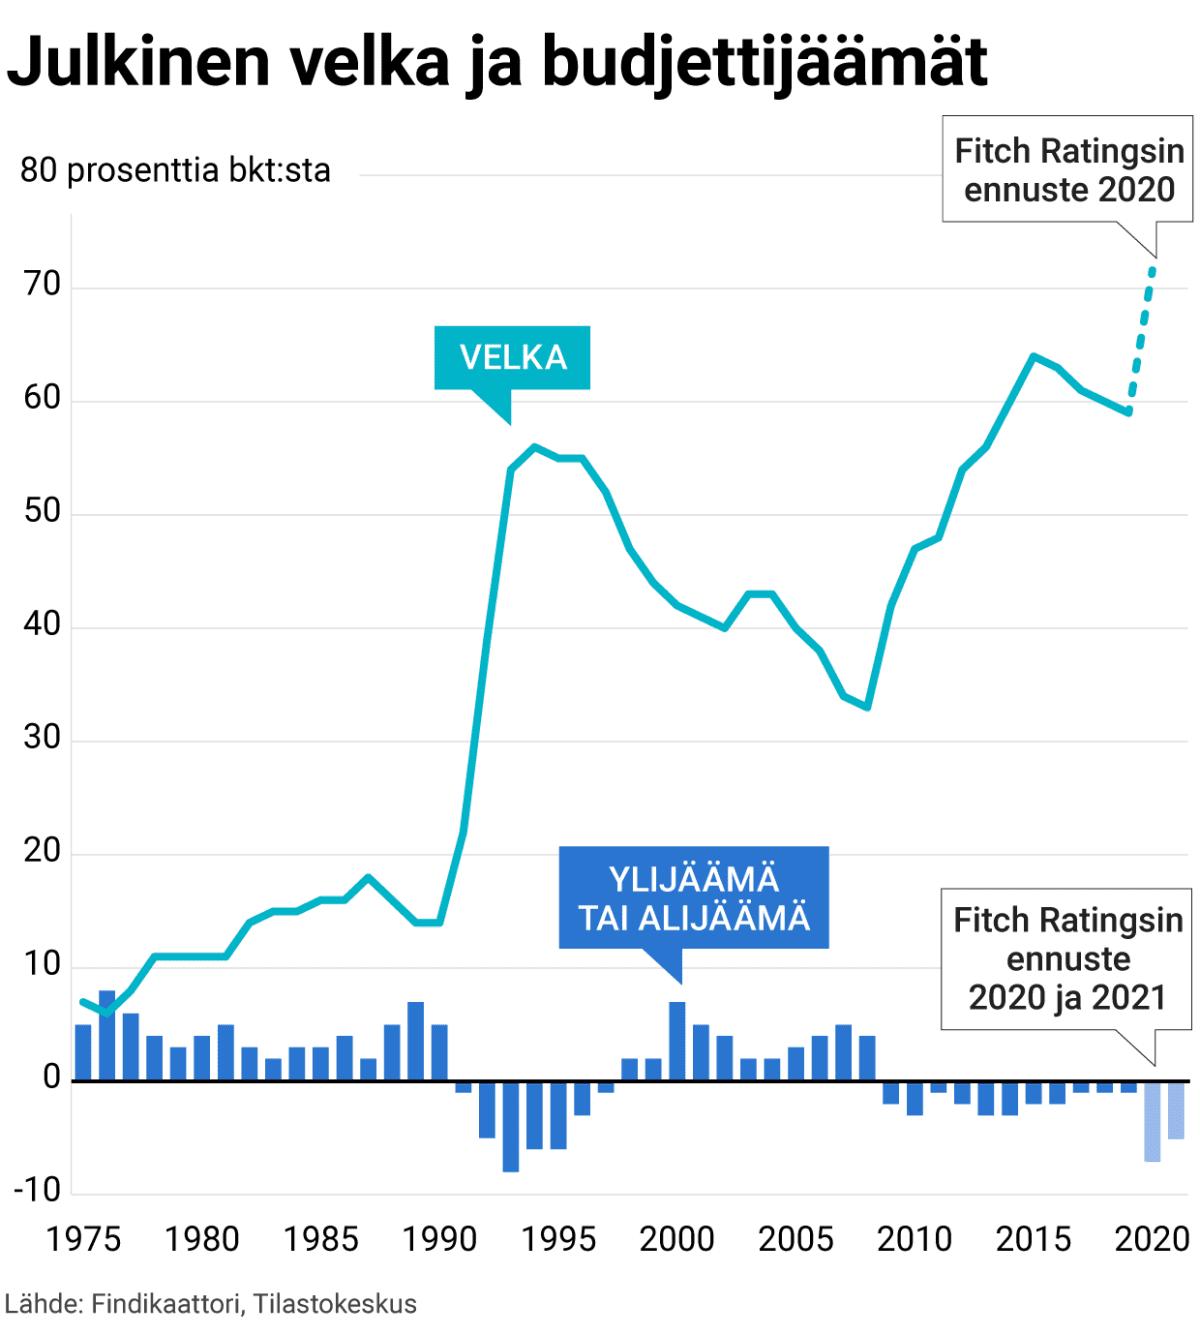 Julkinen velka ja budjettijäämät